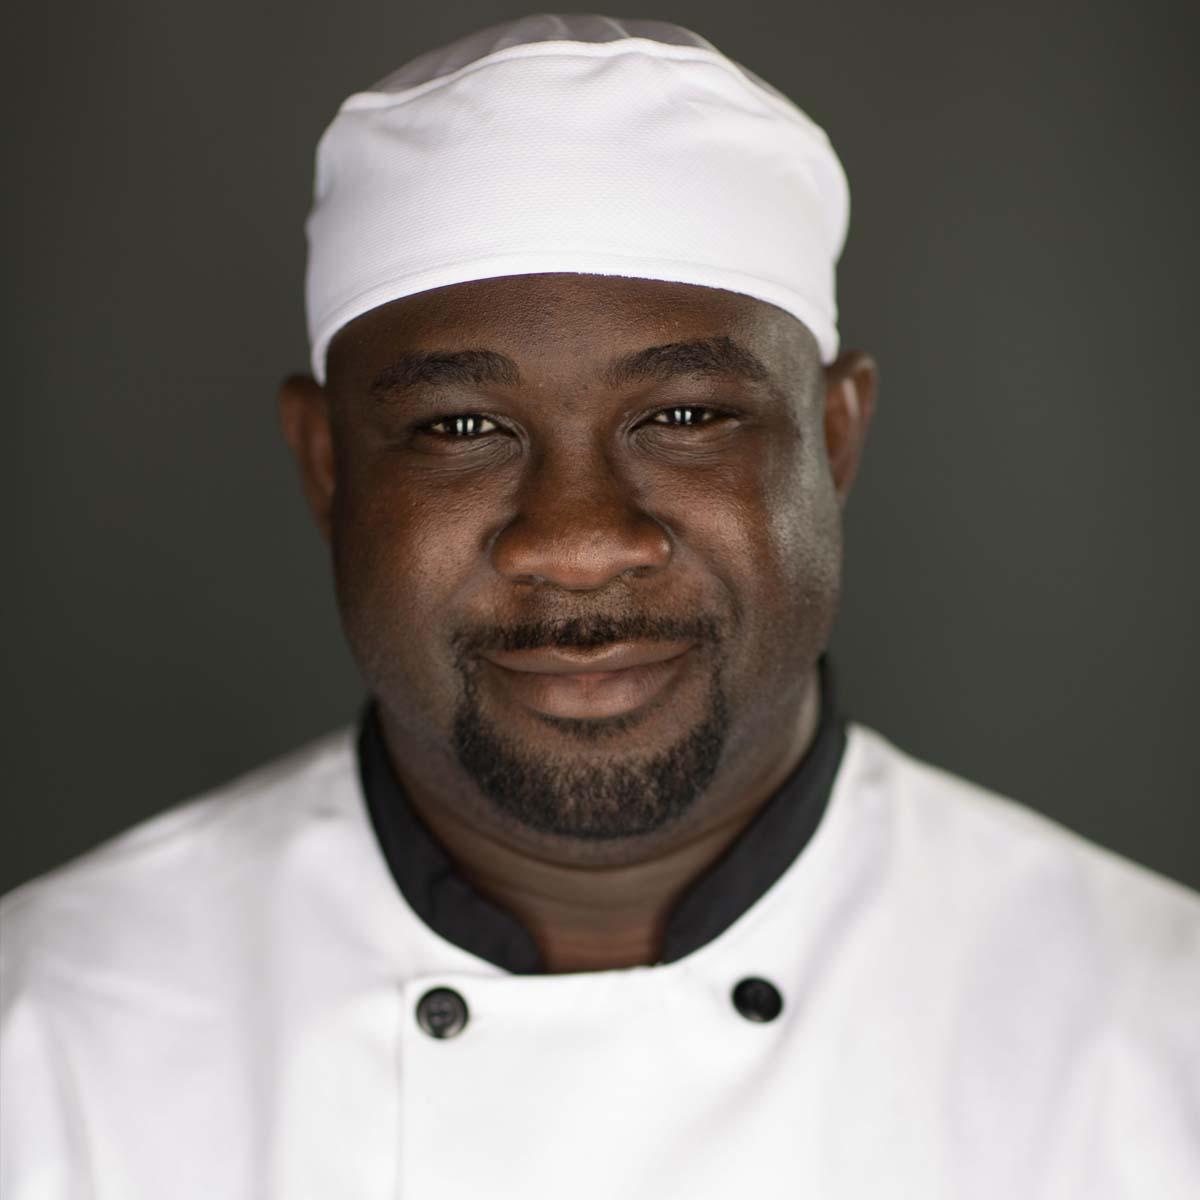 https://www.eryckdzotsi.com/wp-content/uploads/2020/03/eryck-dzotsi-chef.jpg